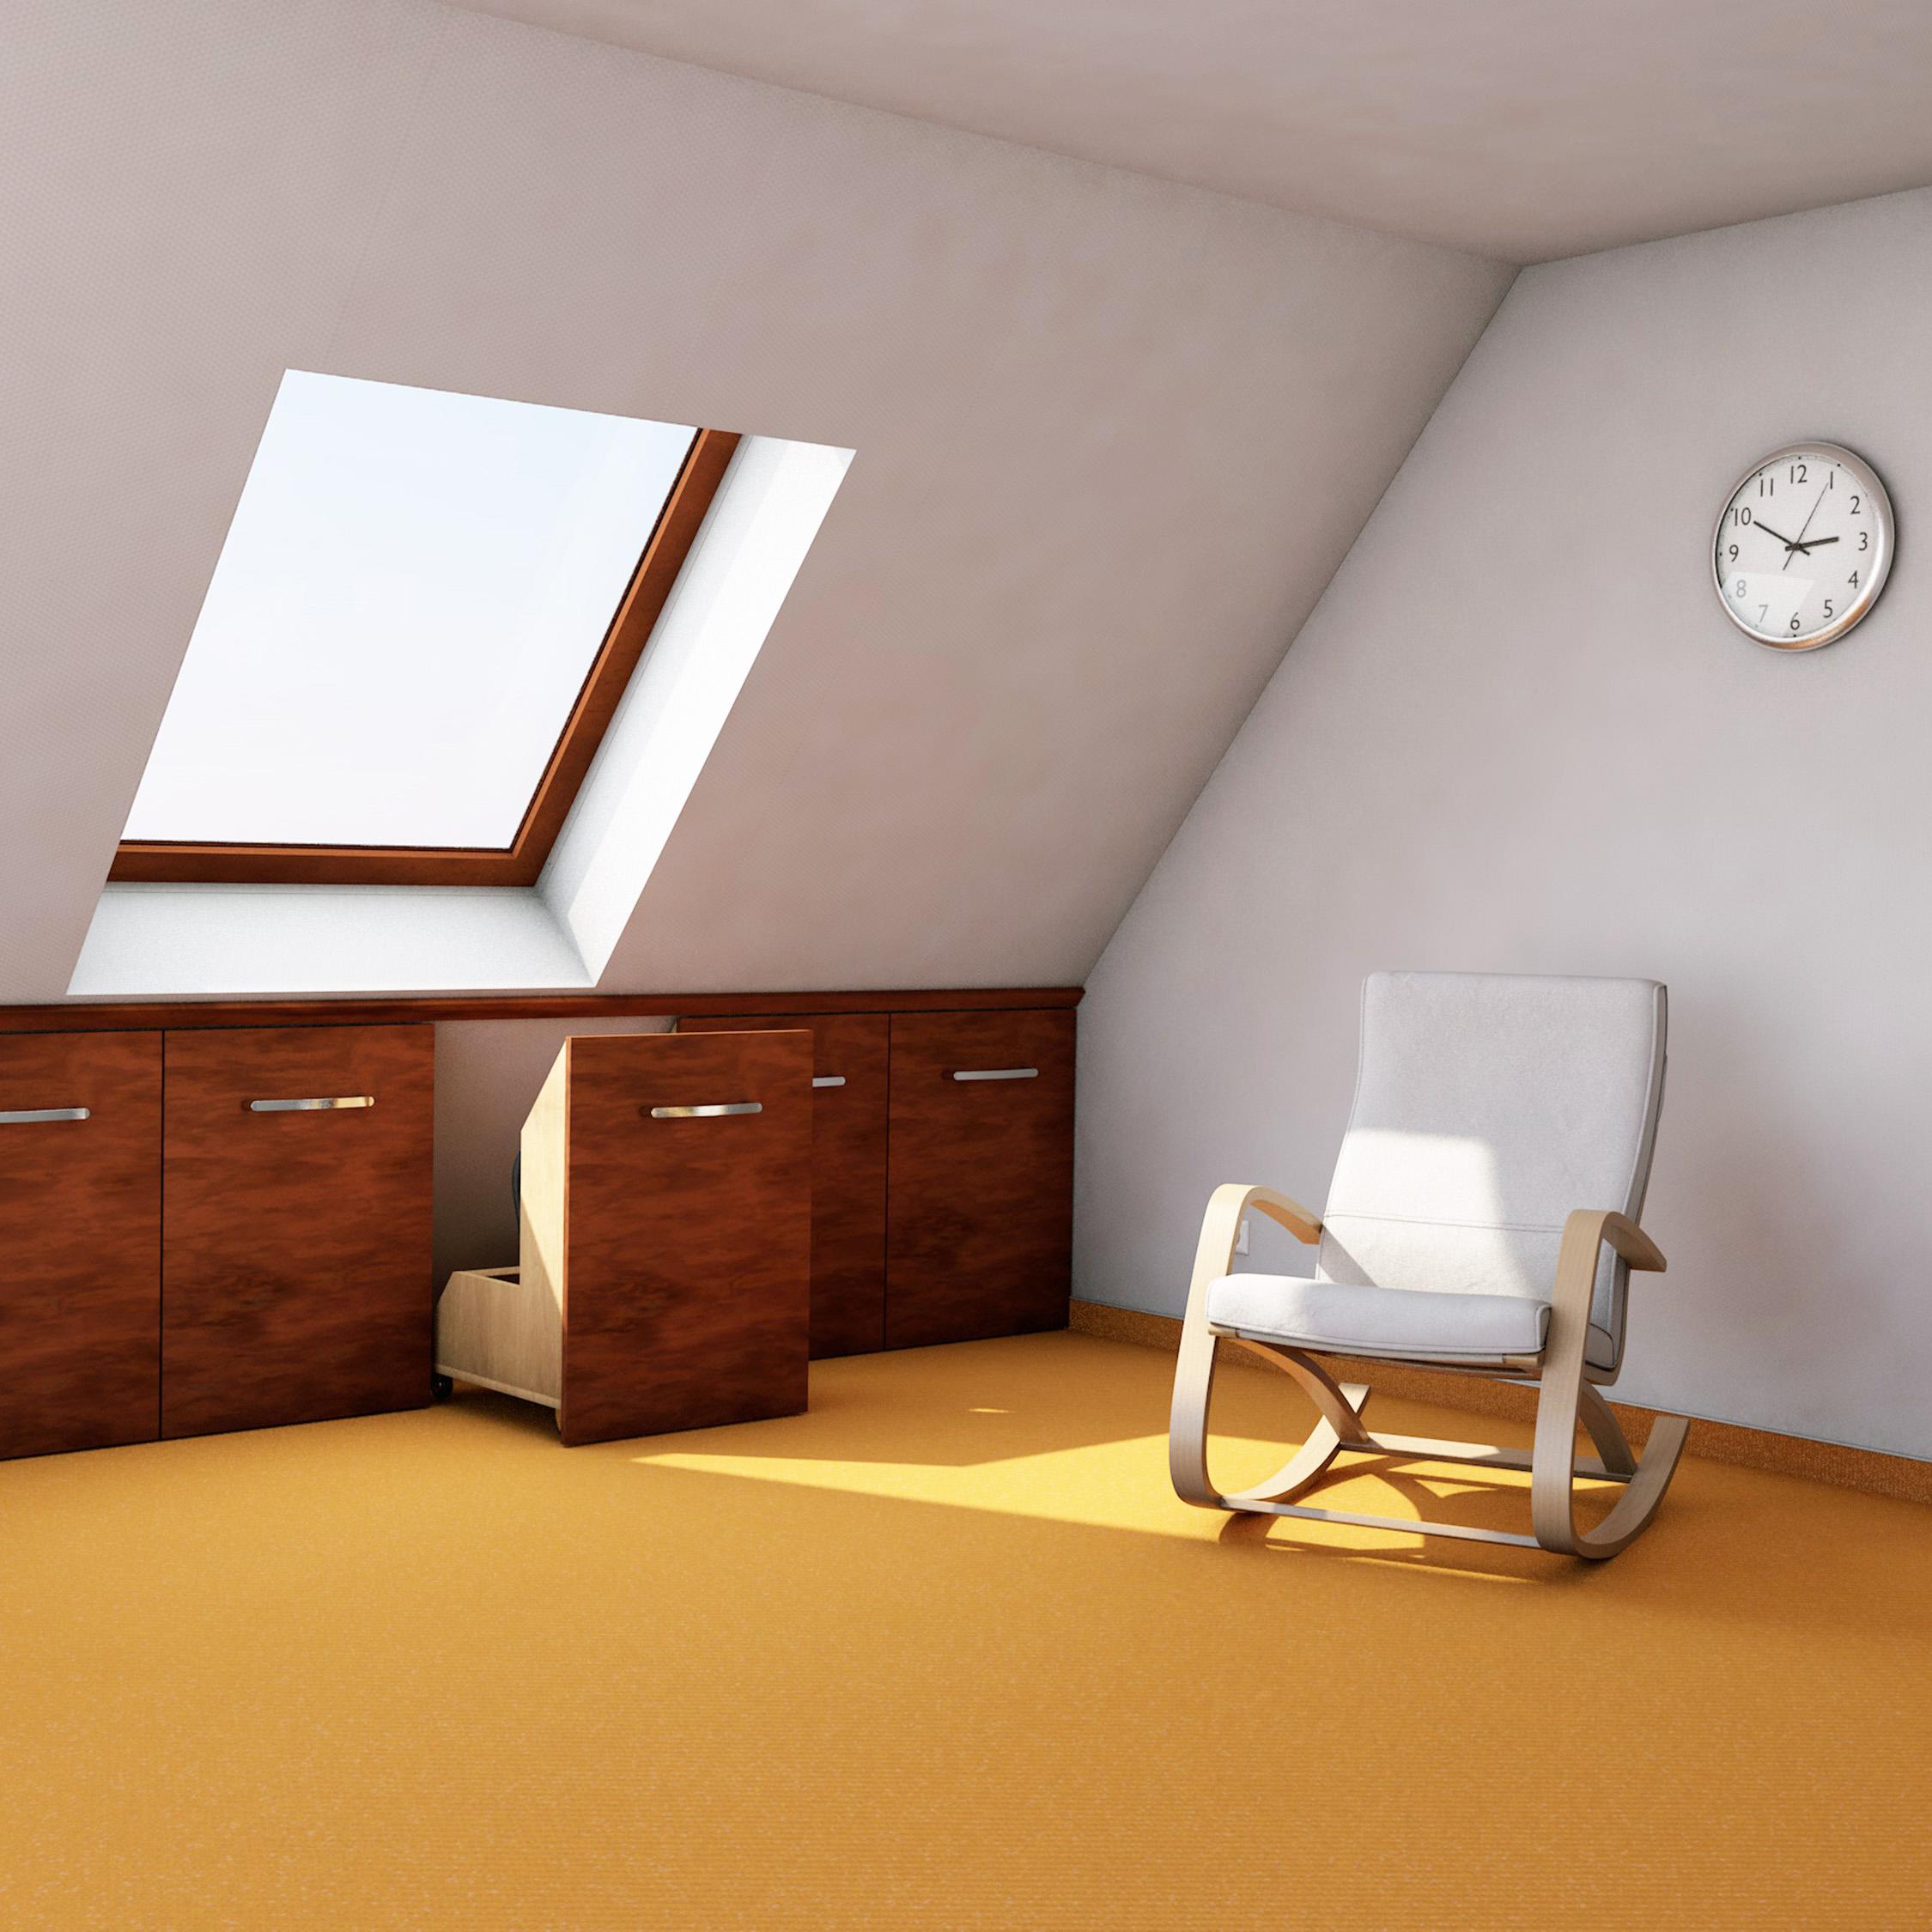 Dachschrägen optimal nutzen mit individuellen Möbeln